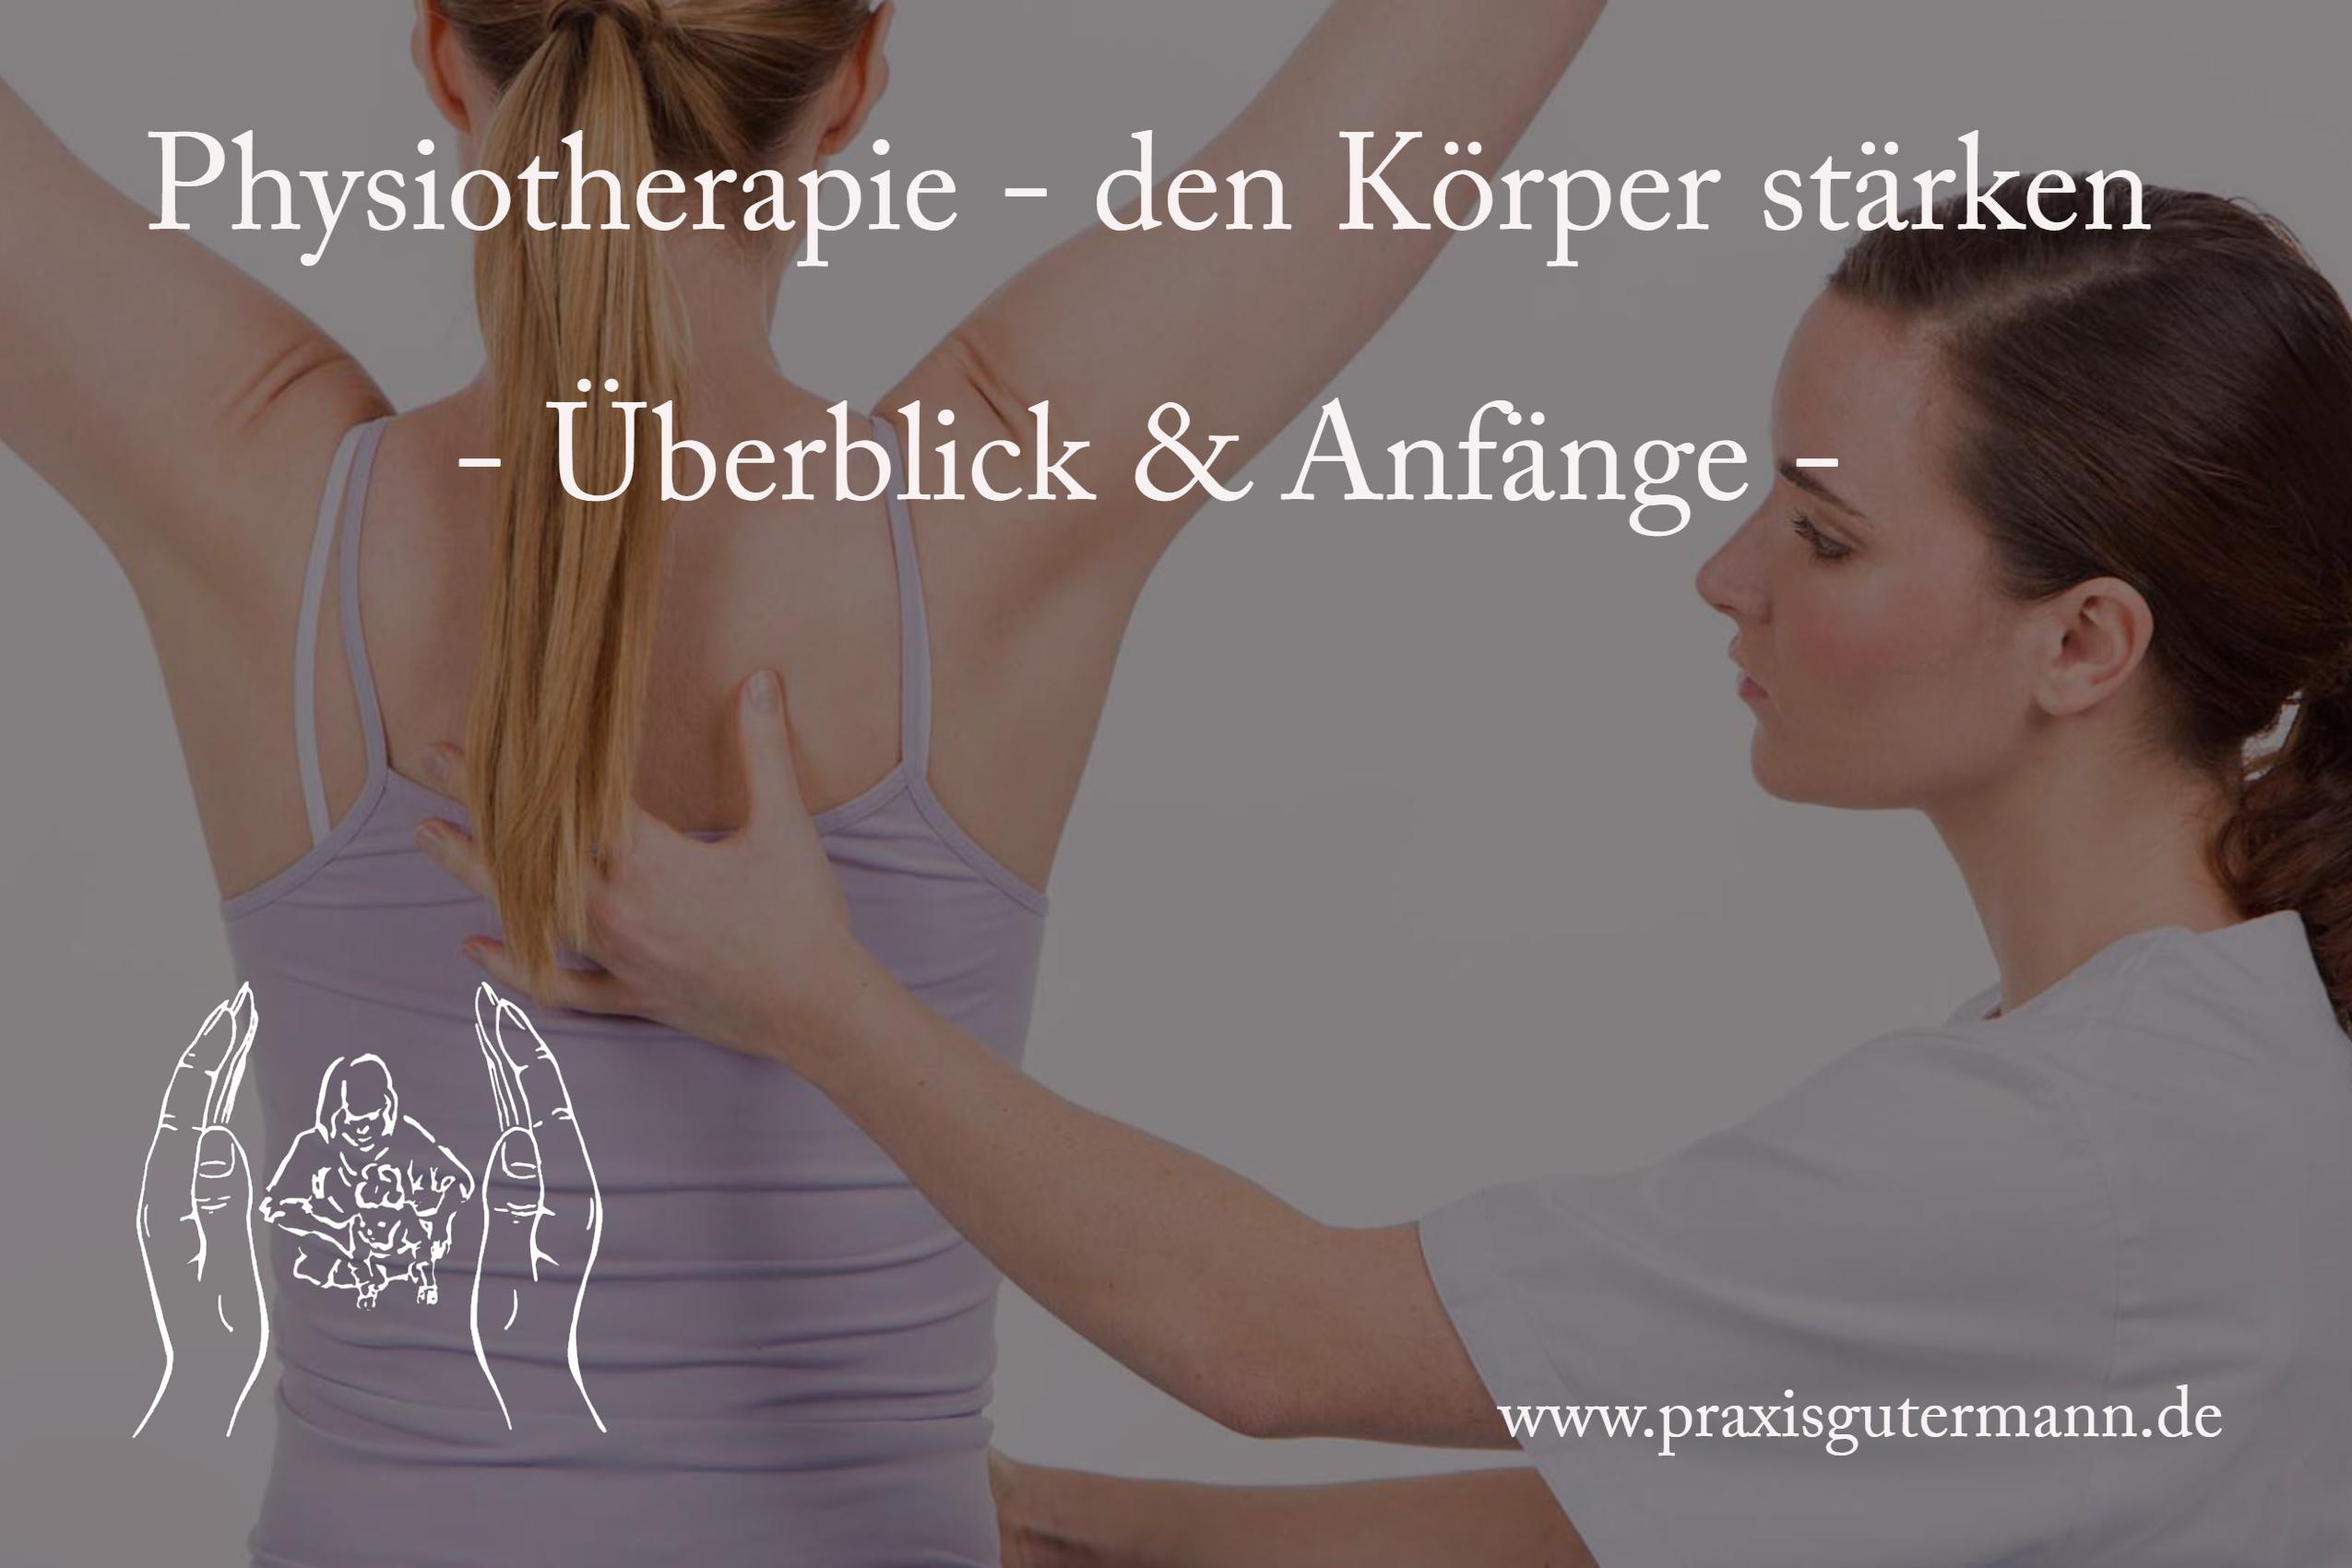 Die Physiotherapie - Überblick & Anfänge